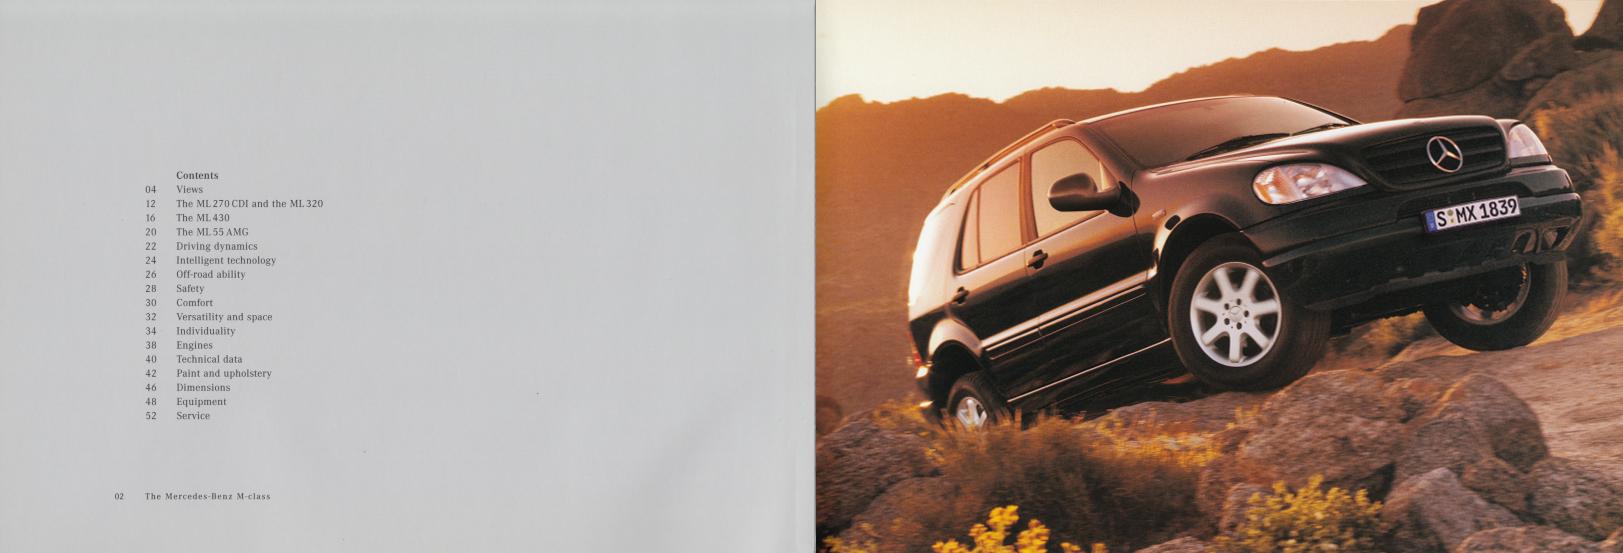 (W163): Catálogo 2001 (1) - inglês 003